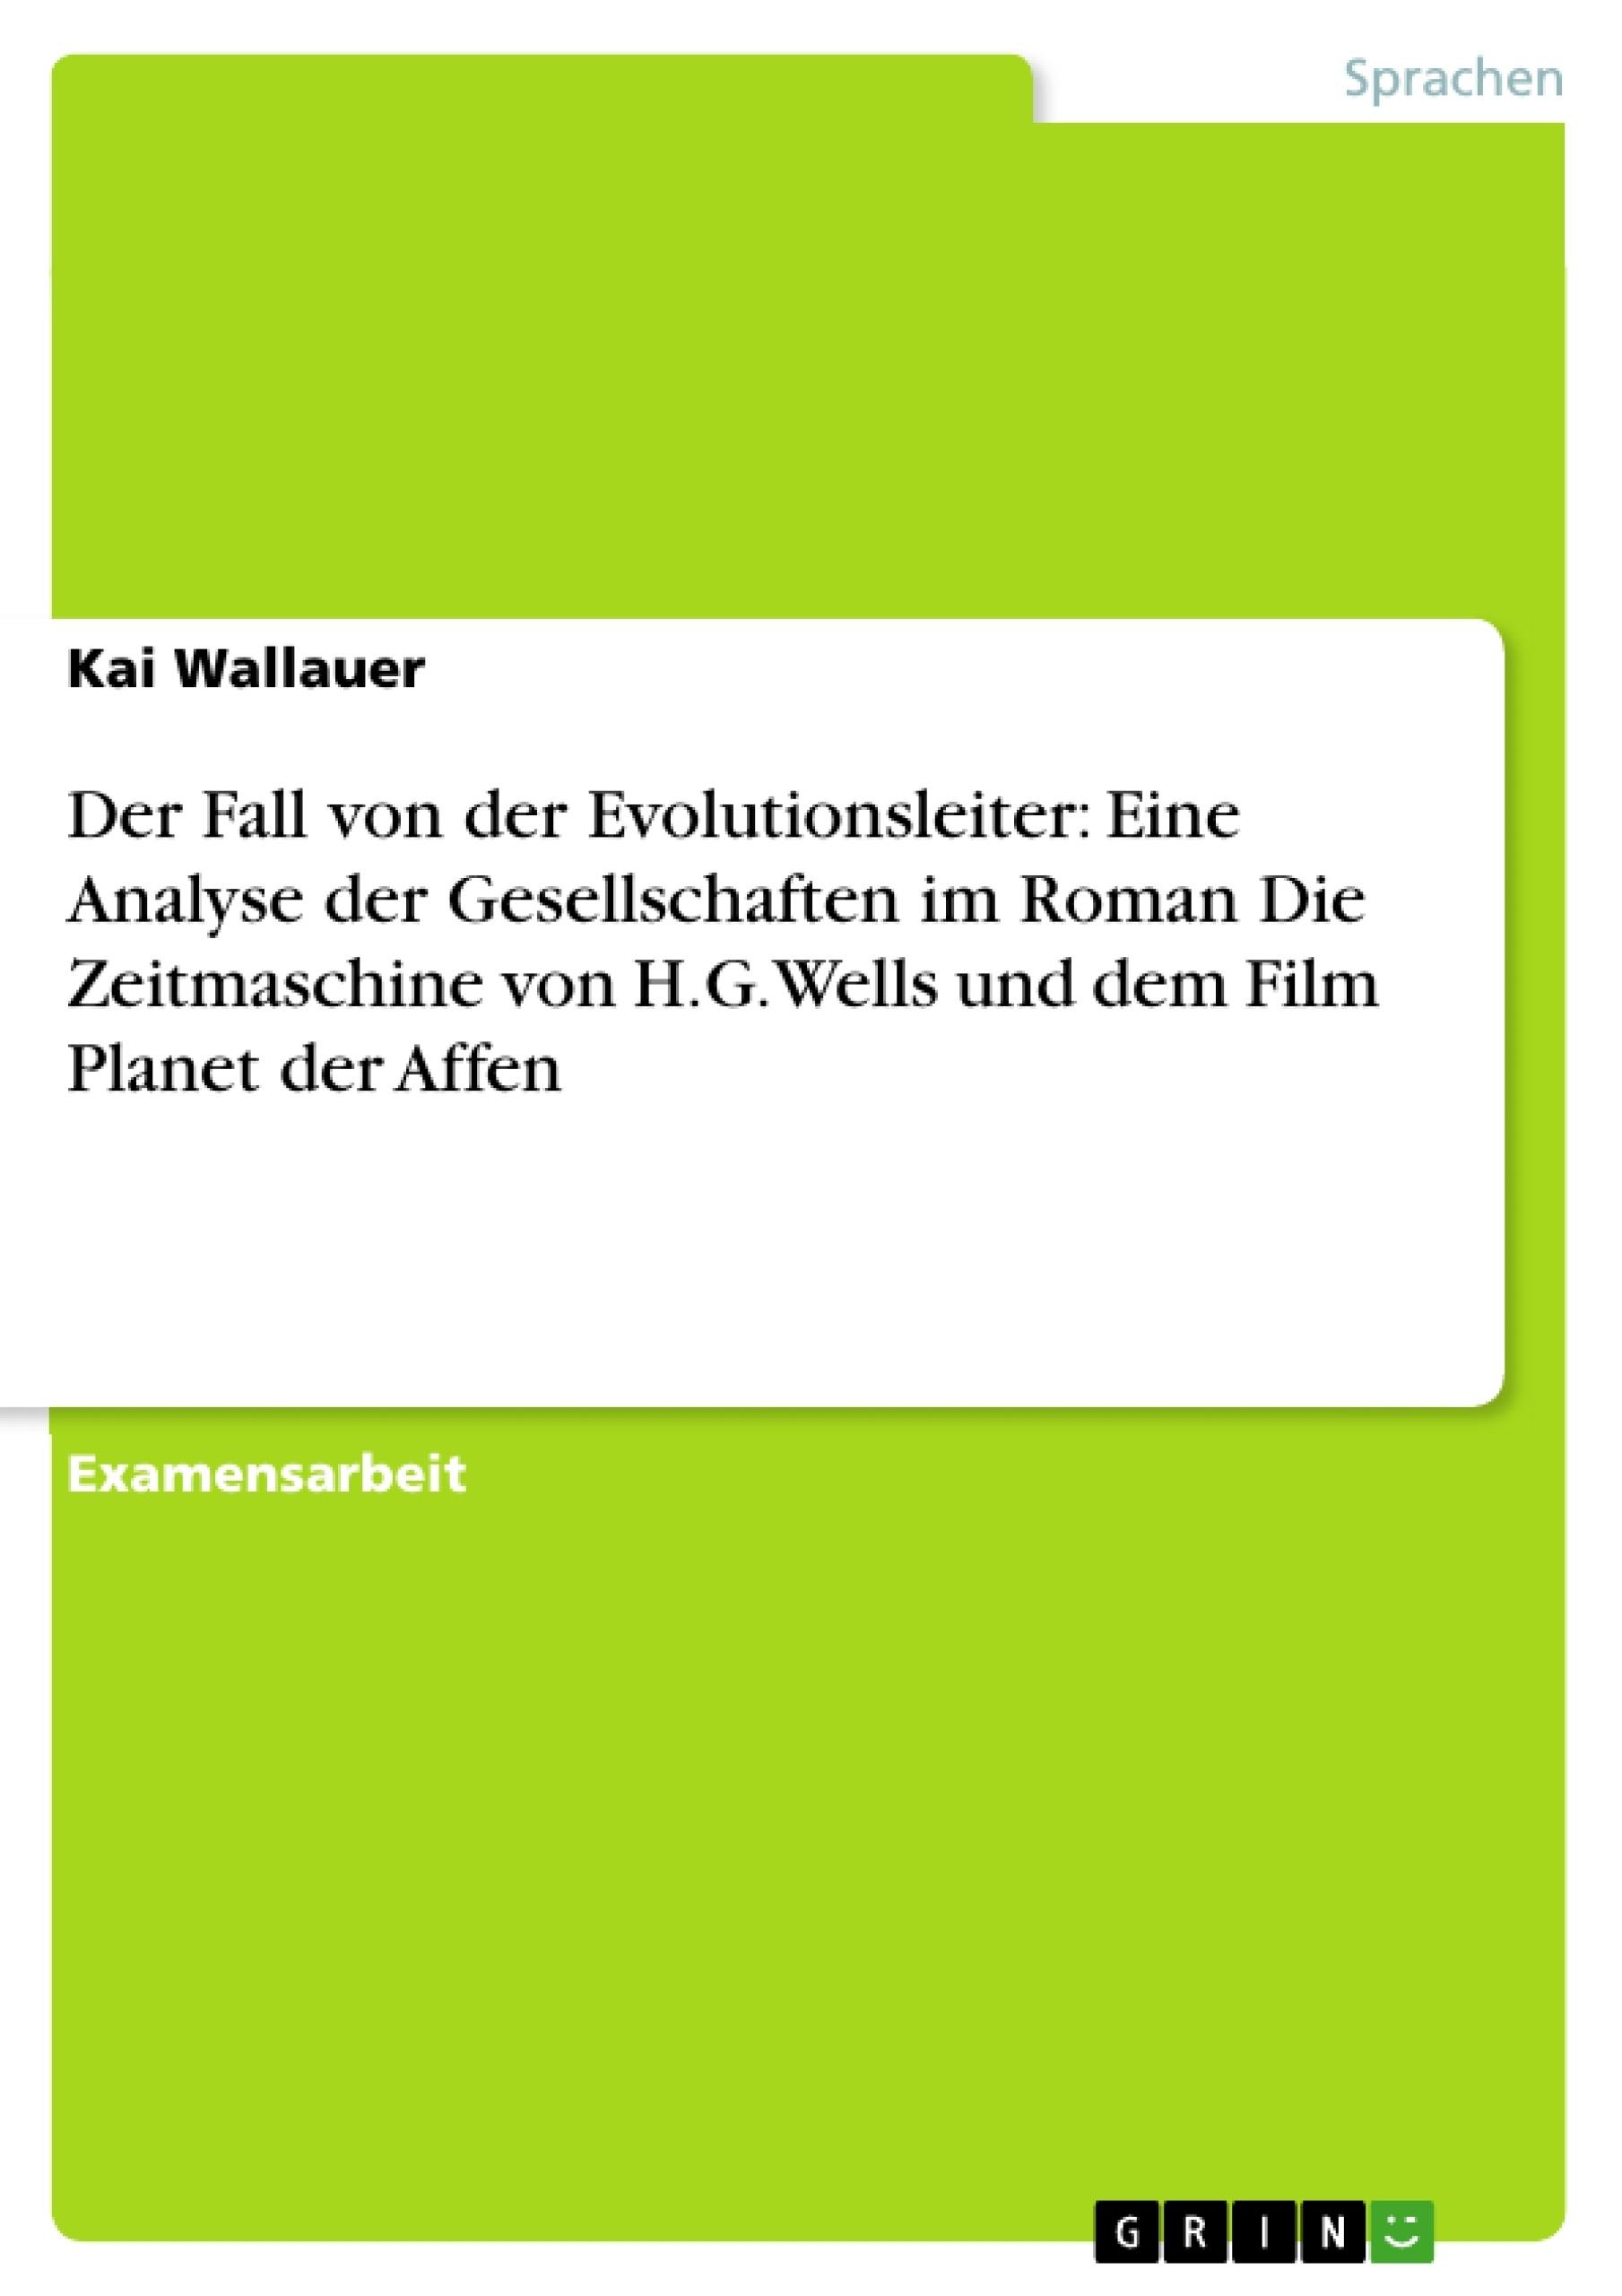 Titel: Der Fall von der Evolutionsleiter: Eine Analyse der Gesellschaften im Roman Die Zeitmaschine von H.G.Wells und dem Film Planet der Affen